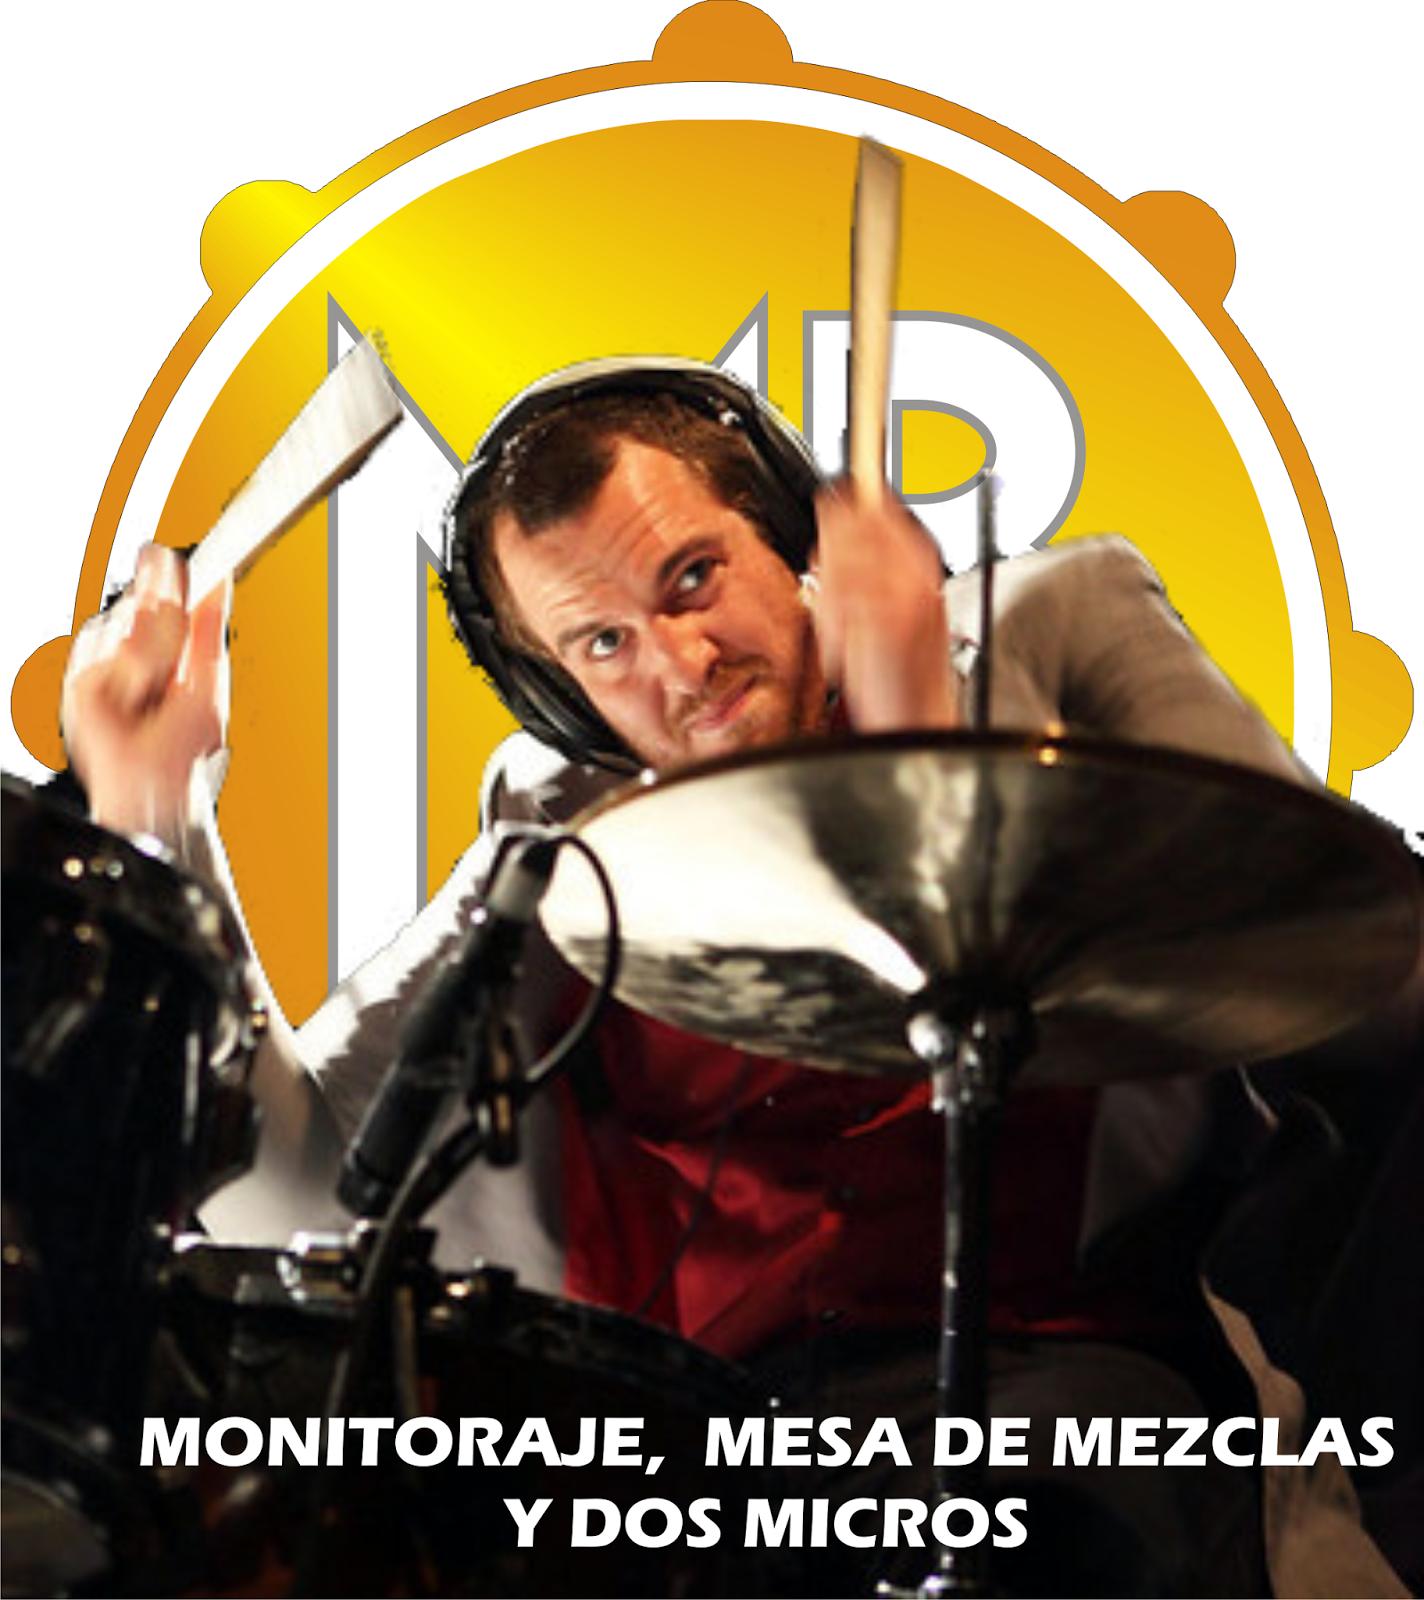 PORTADA MASSBATERIA MONITORAJE MESA DE MEZCLAS